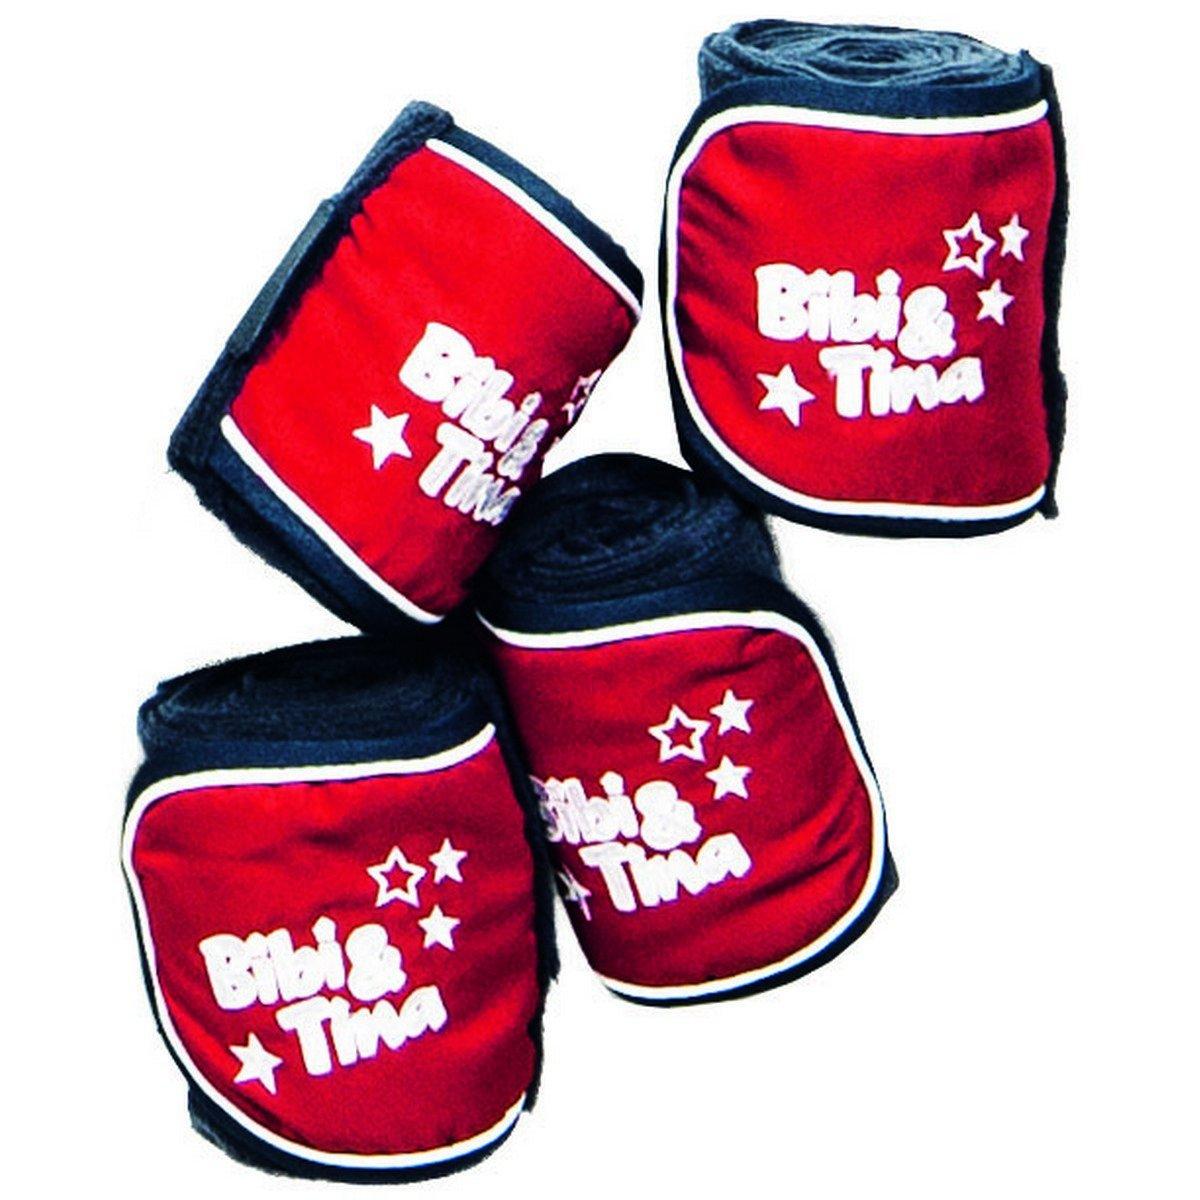 Afbeelding van Bibi & Tina Fleecebandages Set Van 4 Donkerblauw/rood 200 Cm